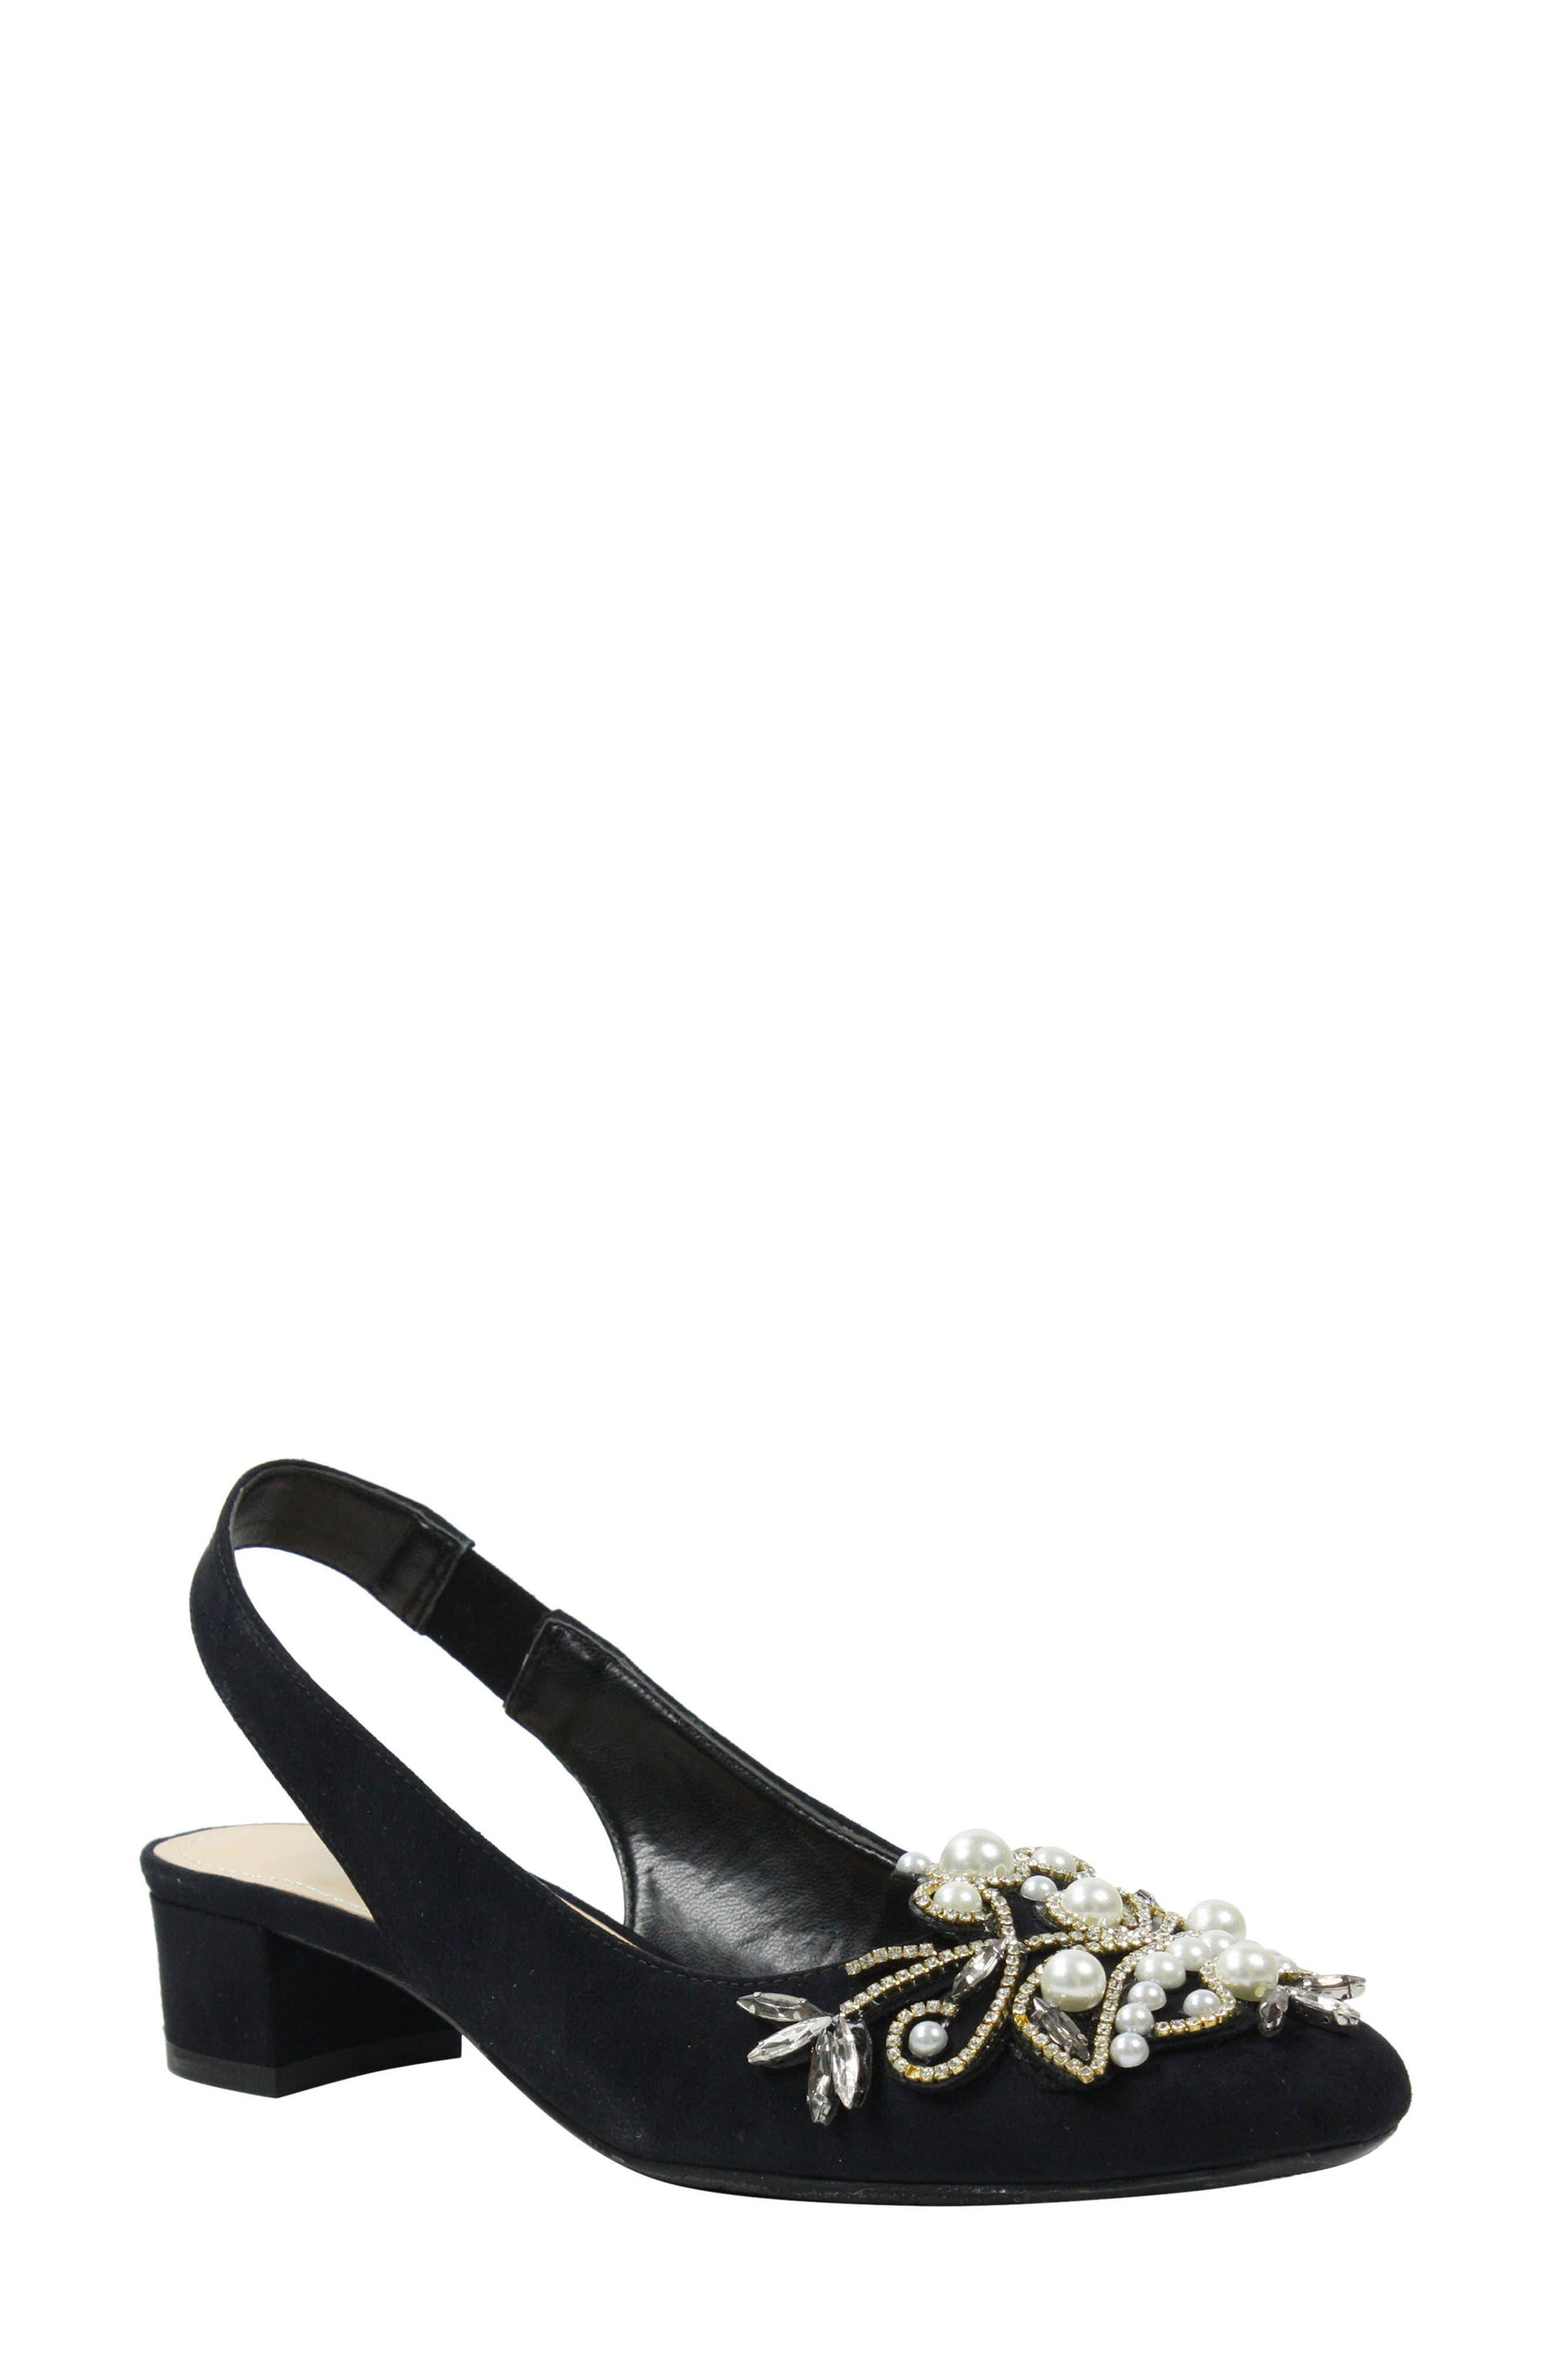 J. Renee Delroy Embellished Slingback Pump, Black